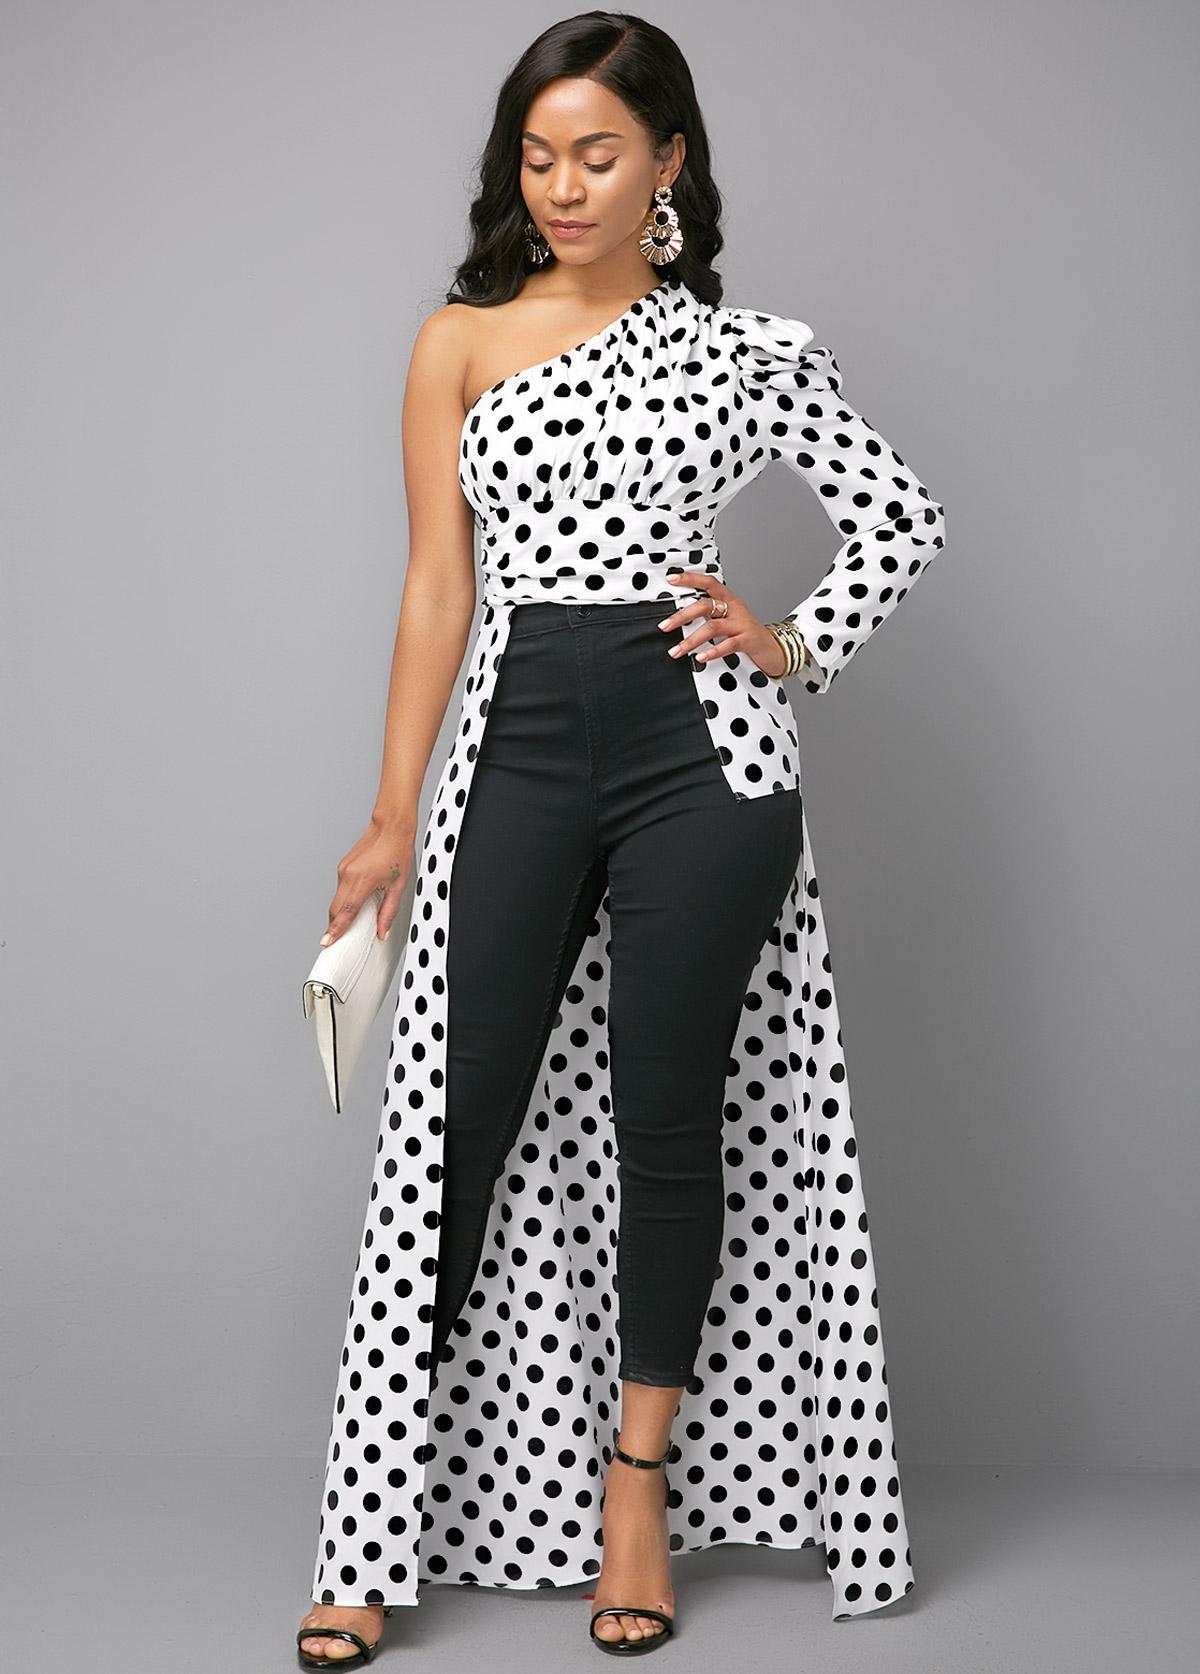 Polka Dot Print Color Block One Shoulder Blouse